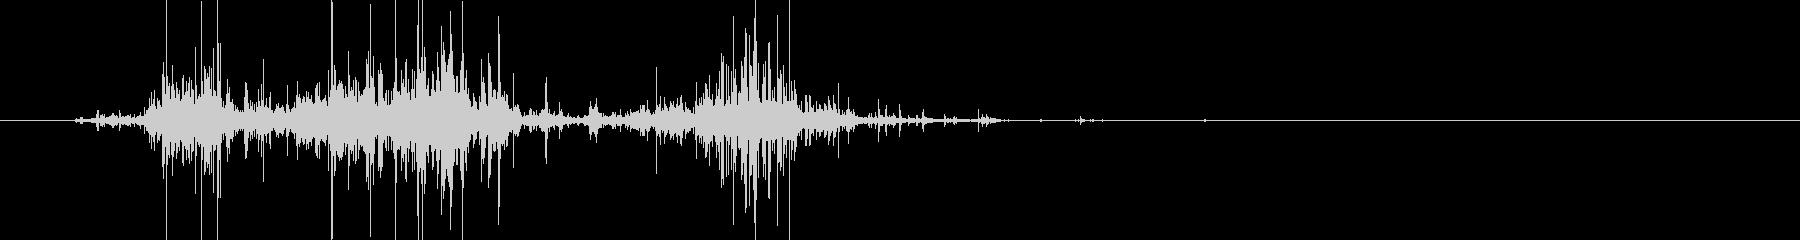 ビニール音の未再生の波形